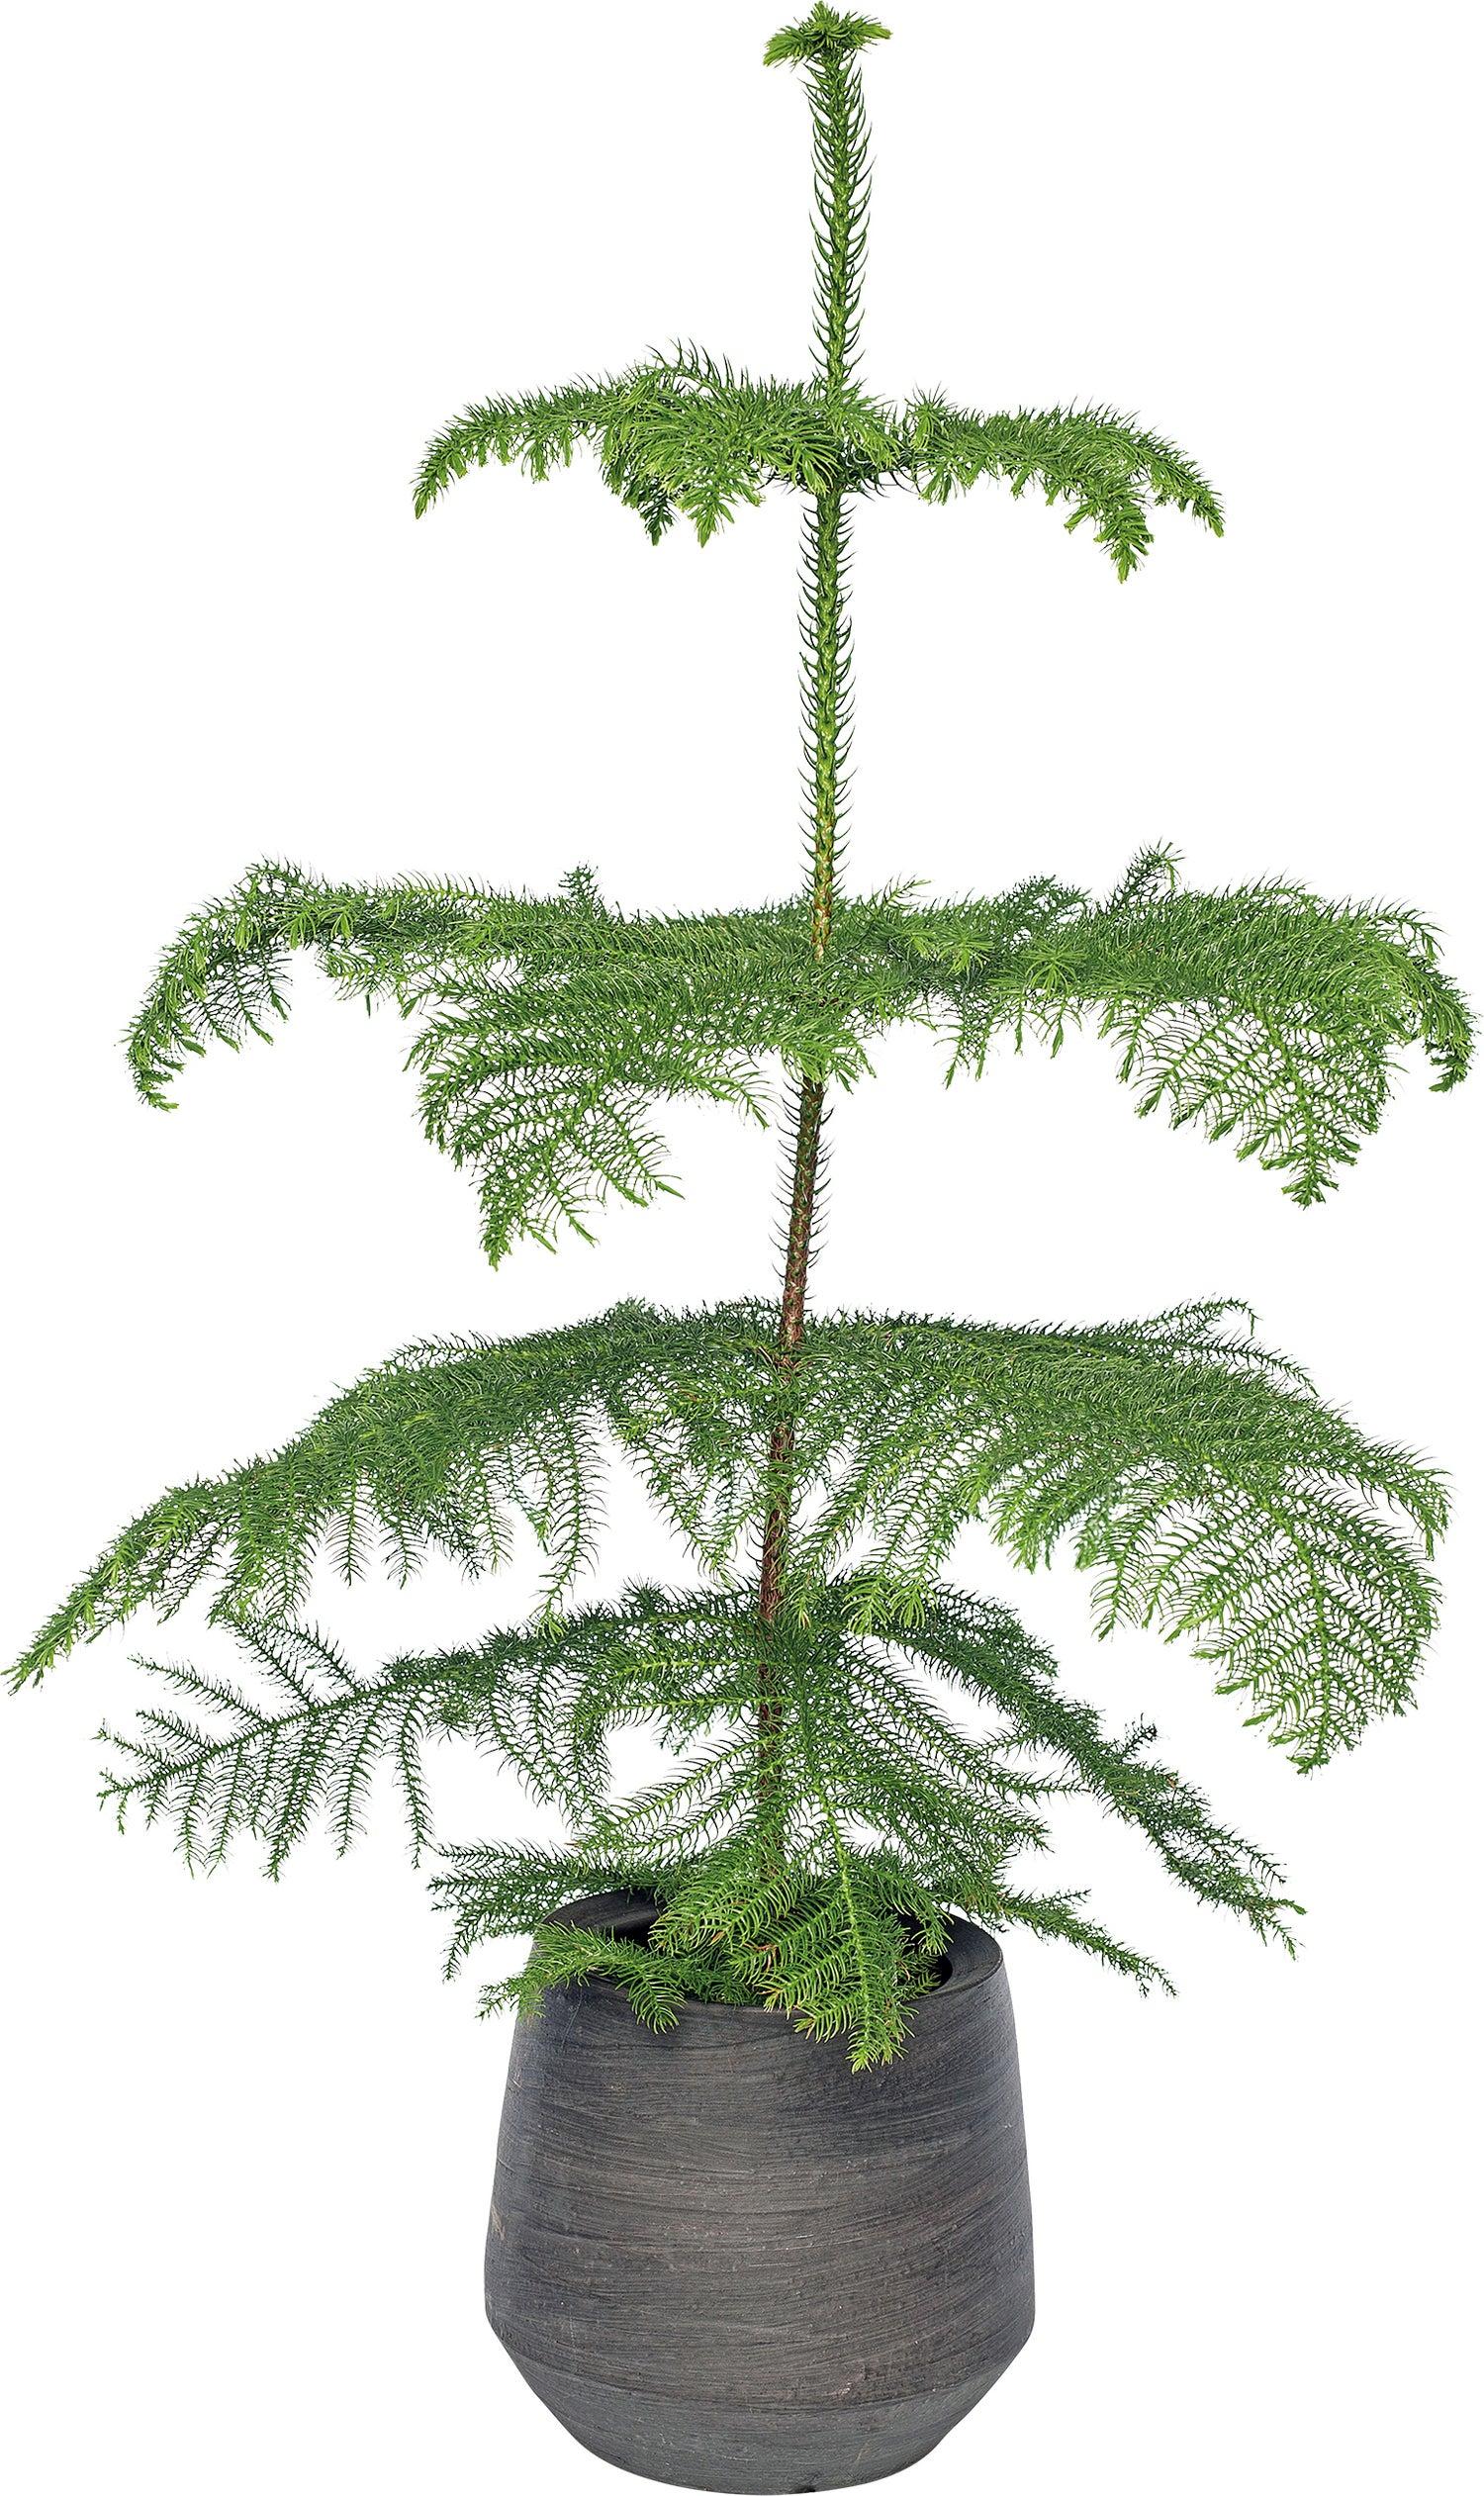 Kamerden (Araucaria heterophylla) D 21 H 100 cm